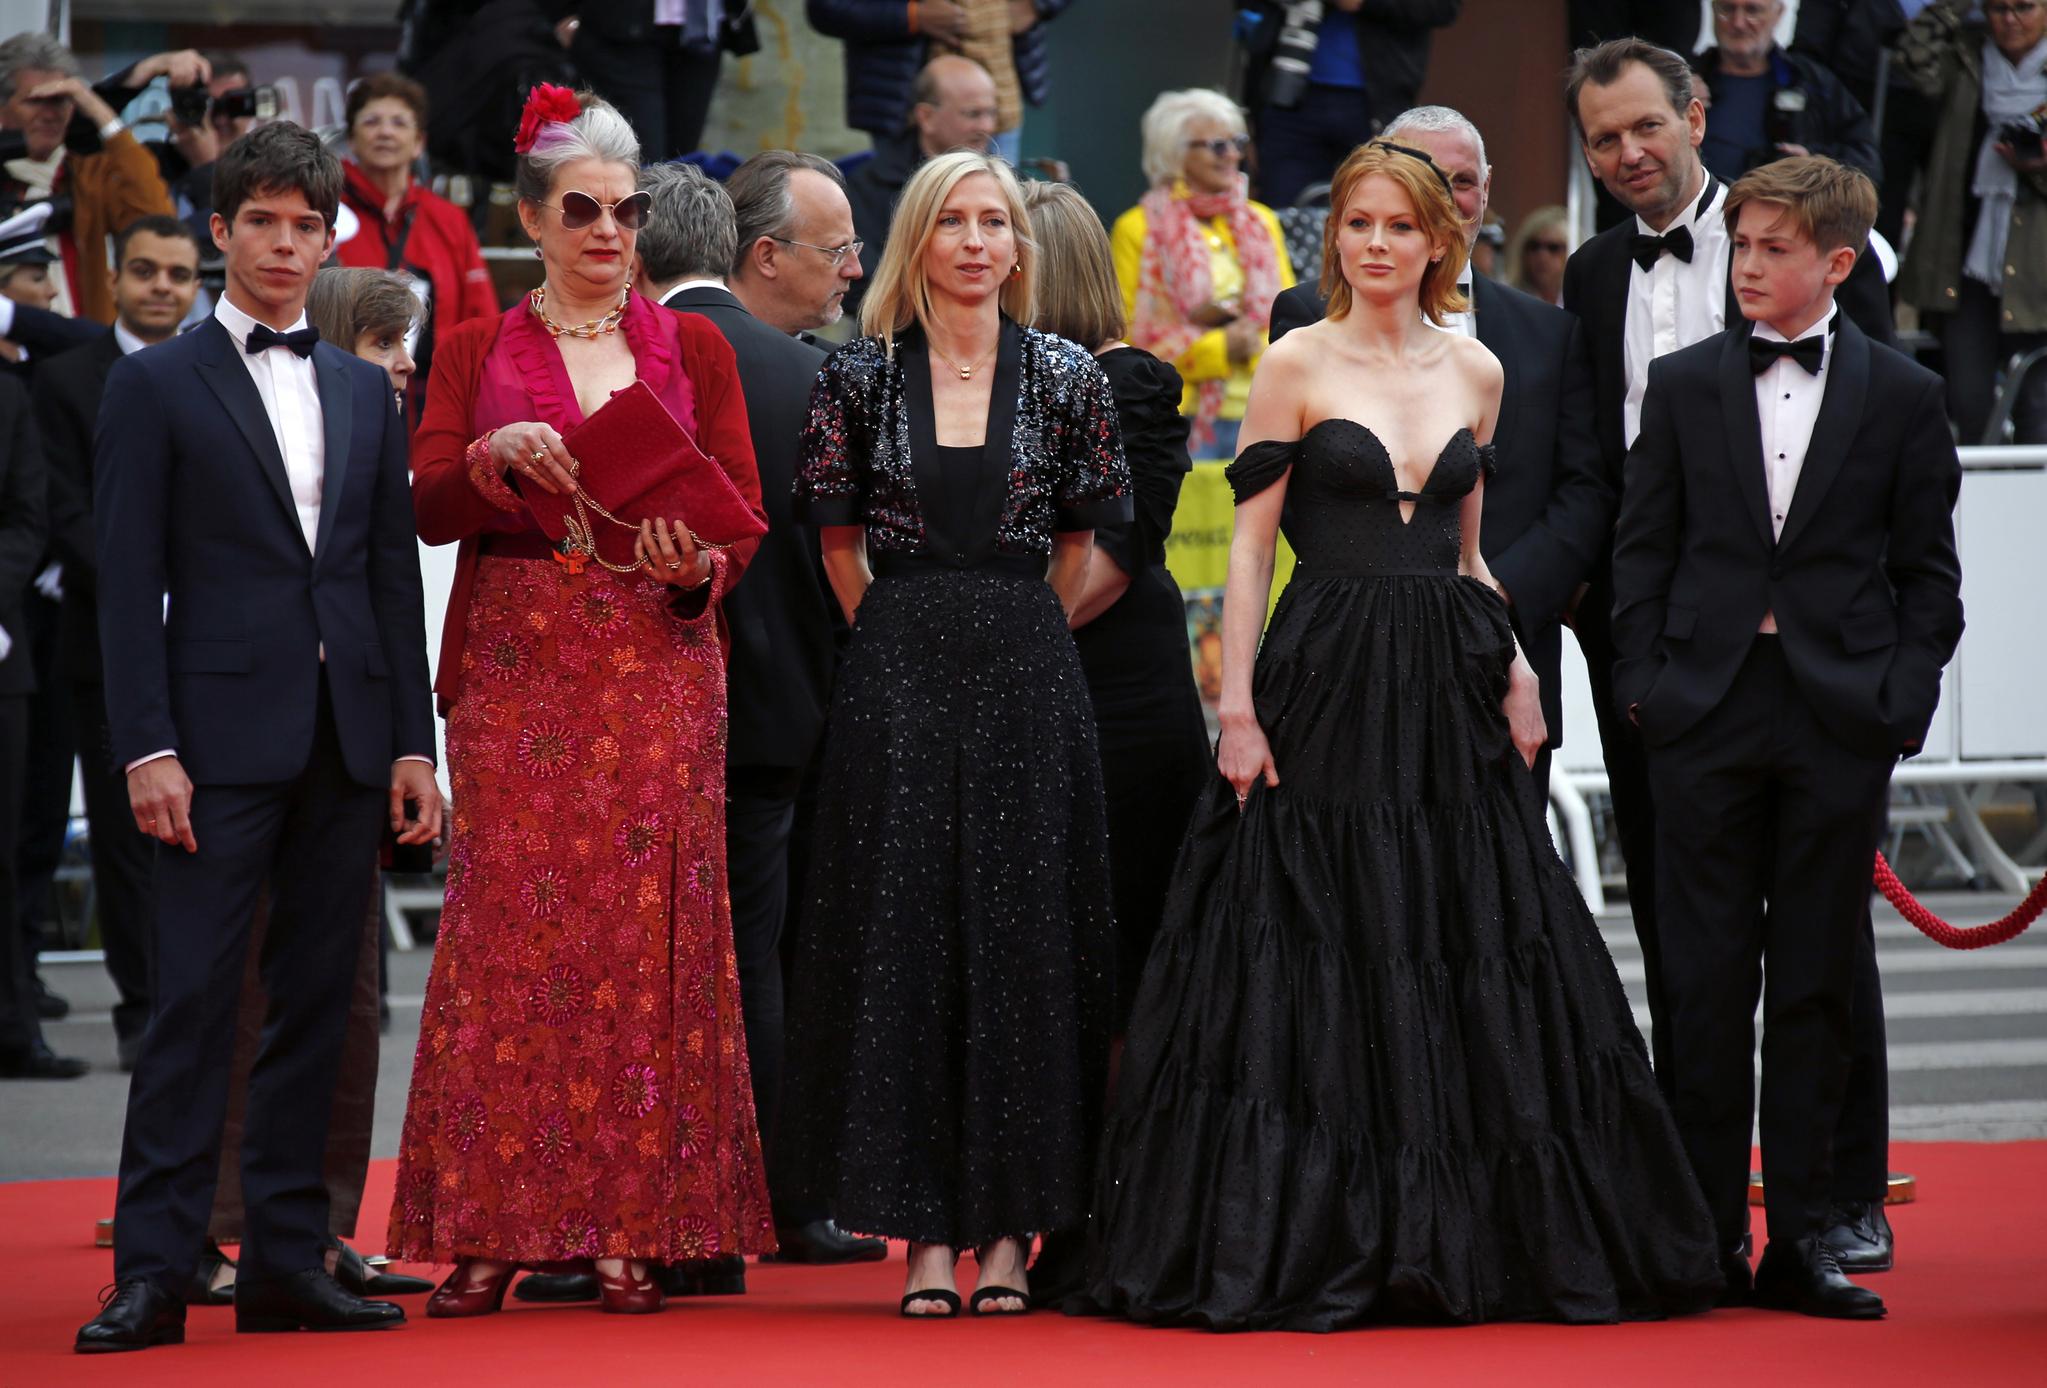 제 72회 칸 국제영화제(Cannes Film Festival 2019) 경쟁 부문에 초청된 영화 '리틀조'(Little Joe) 레드카펫이 17일(현지시간) 프랑스 칸 팔레 데 페스티발에서 진행됐다.[로이터=연합뉴스]